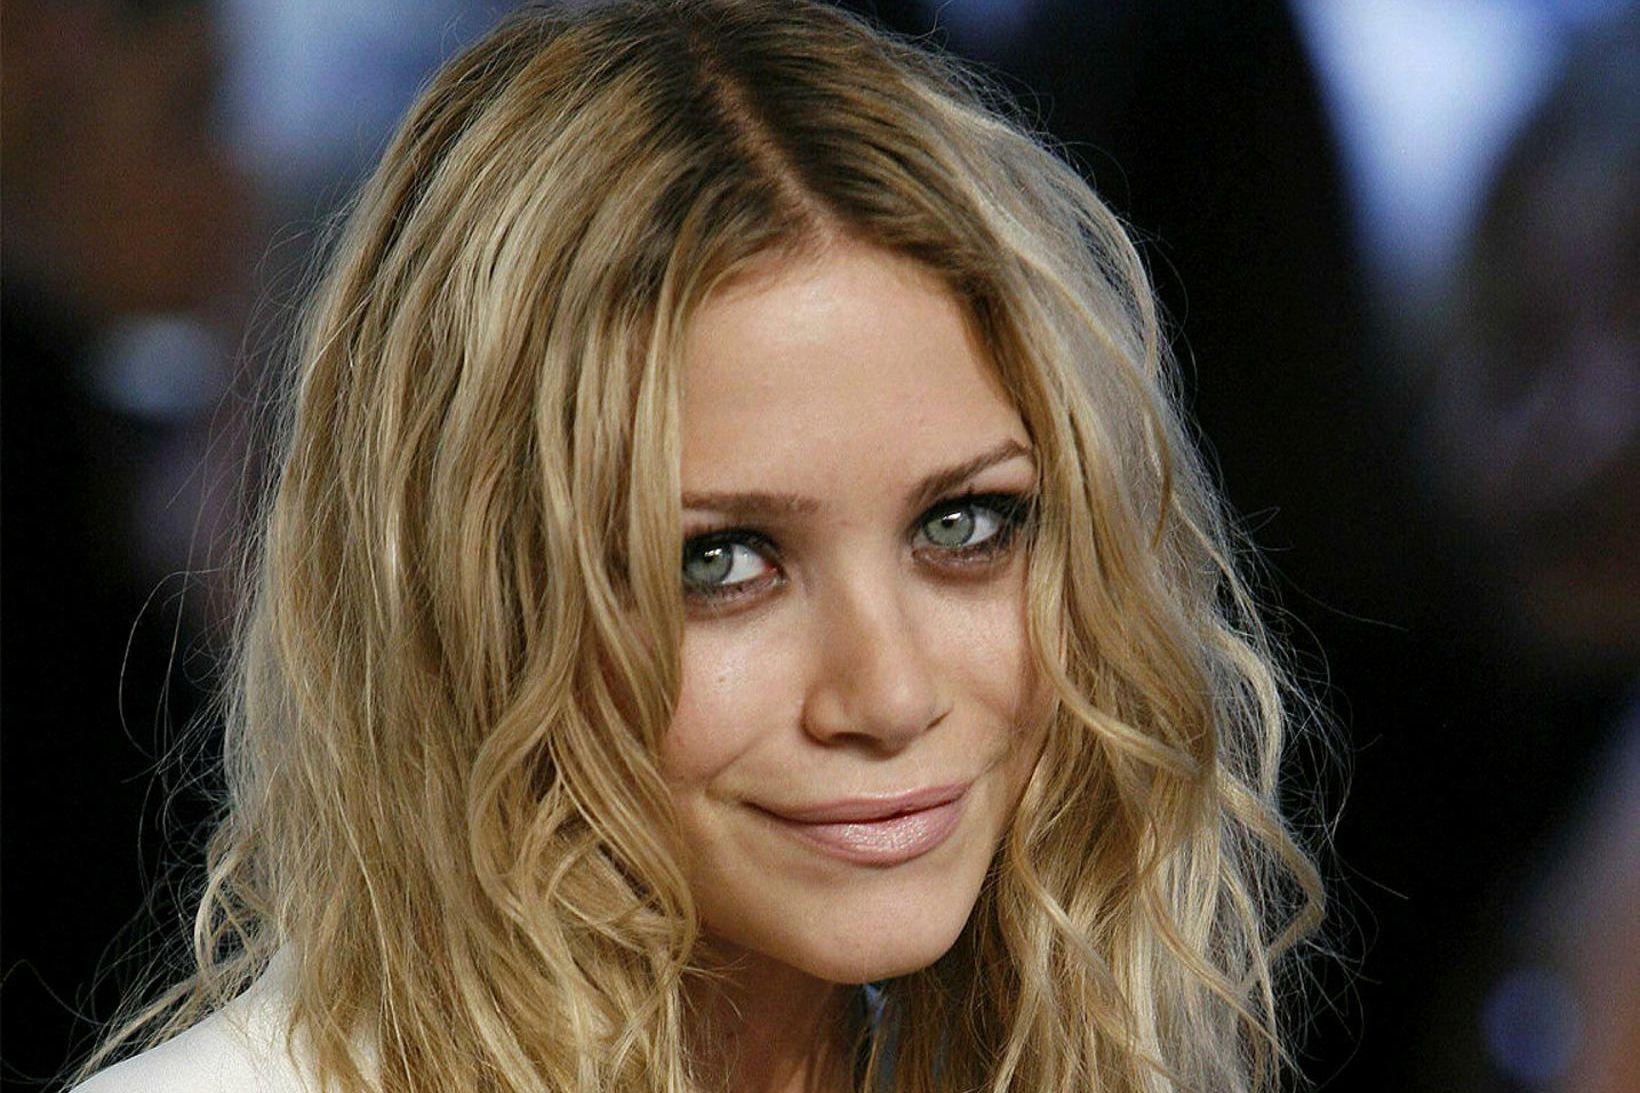 Mary-Kate Olsen fær ekki að sækja um skilnað vegna kórónuveirunnar.